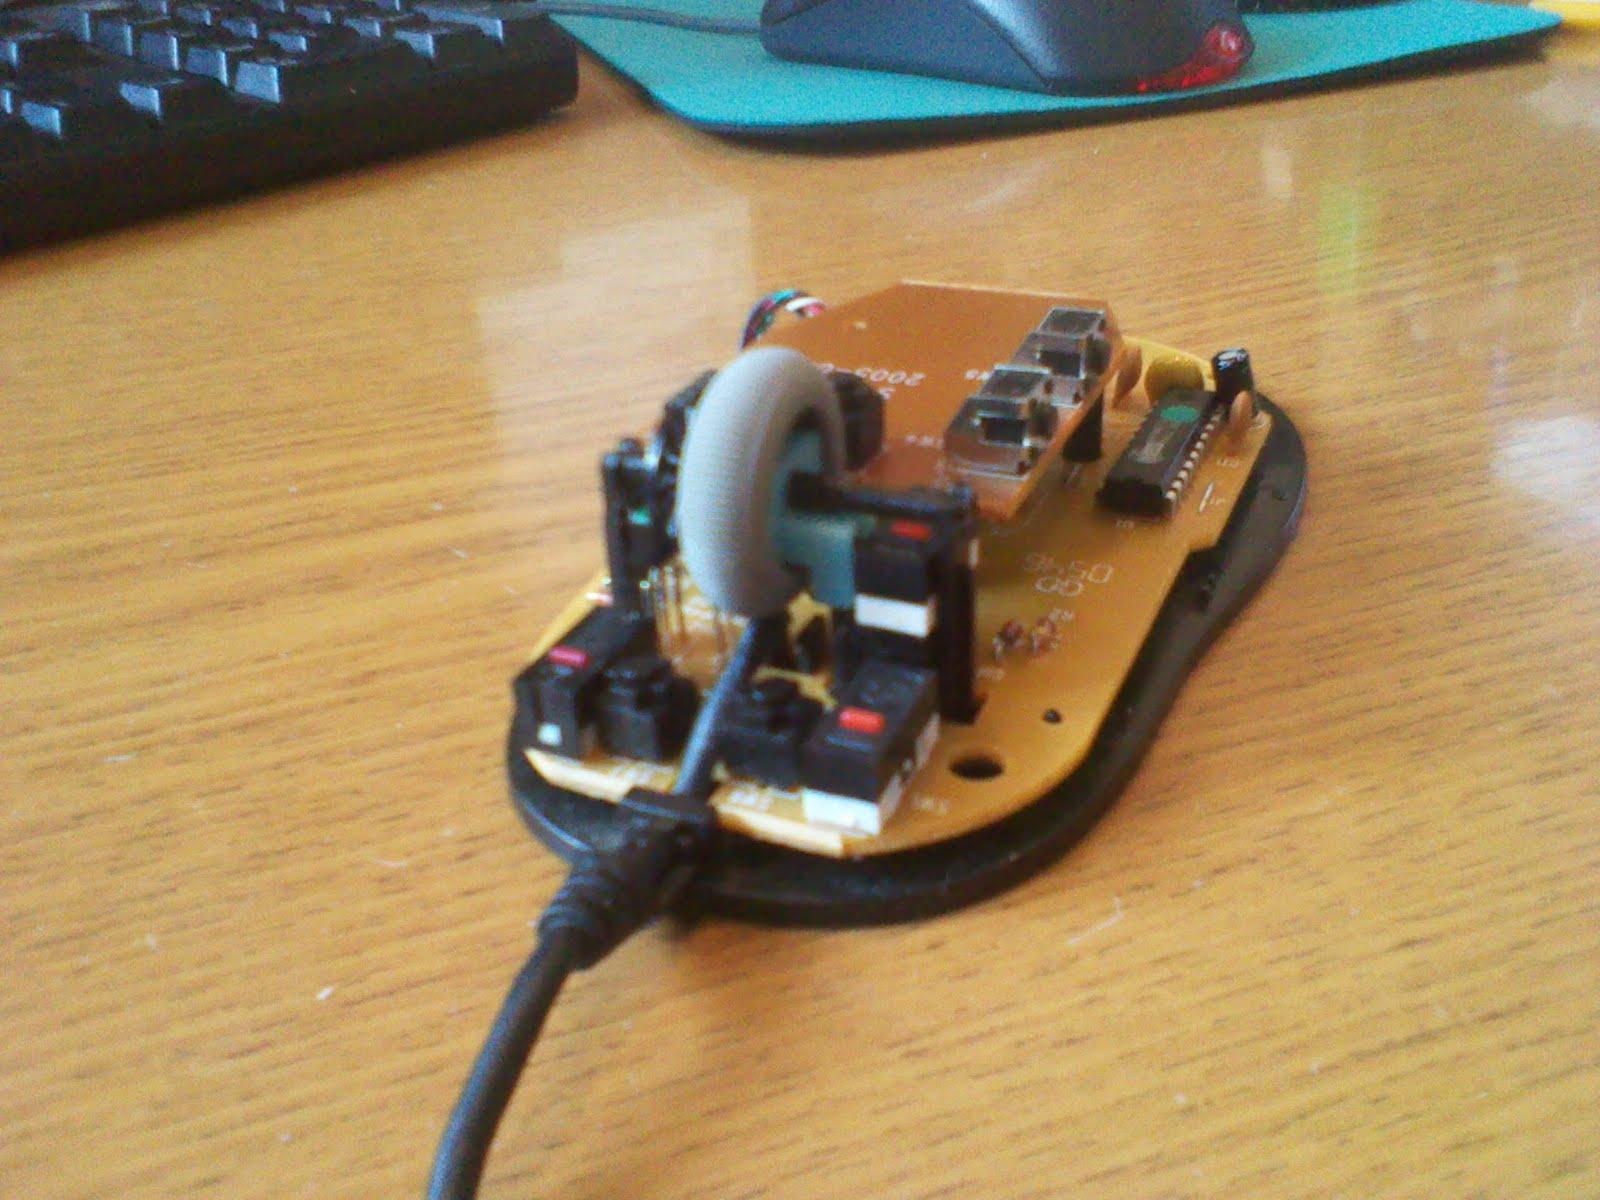 Комп мышь своими руками